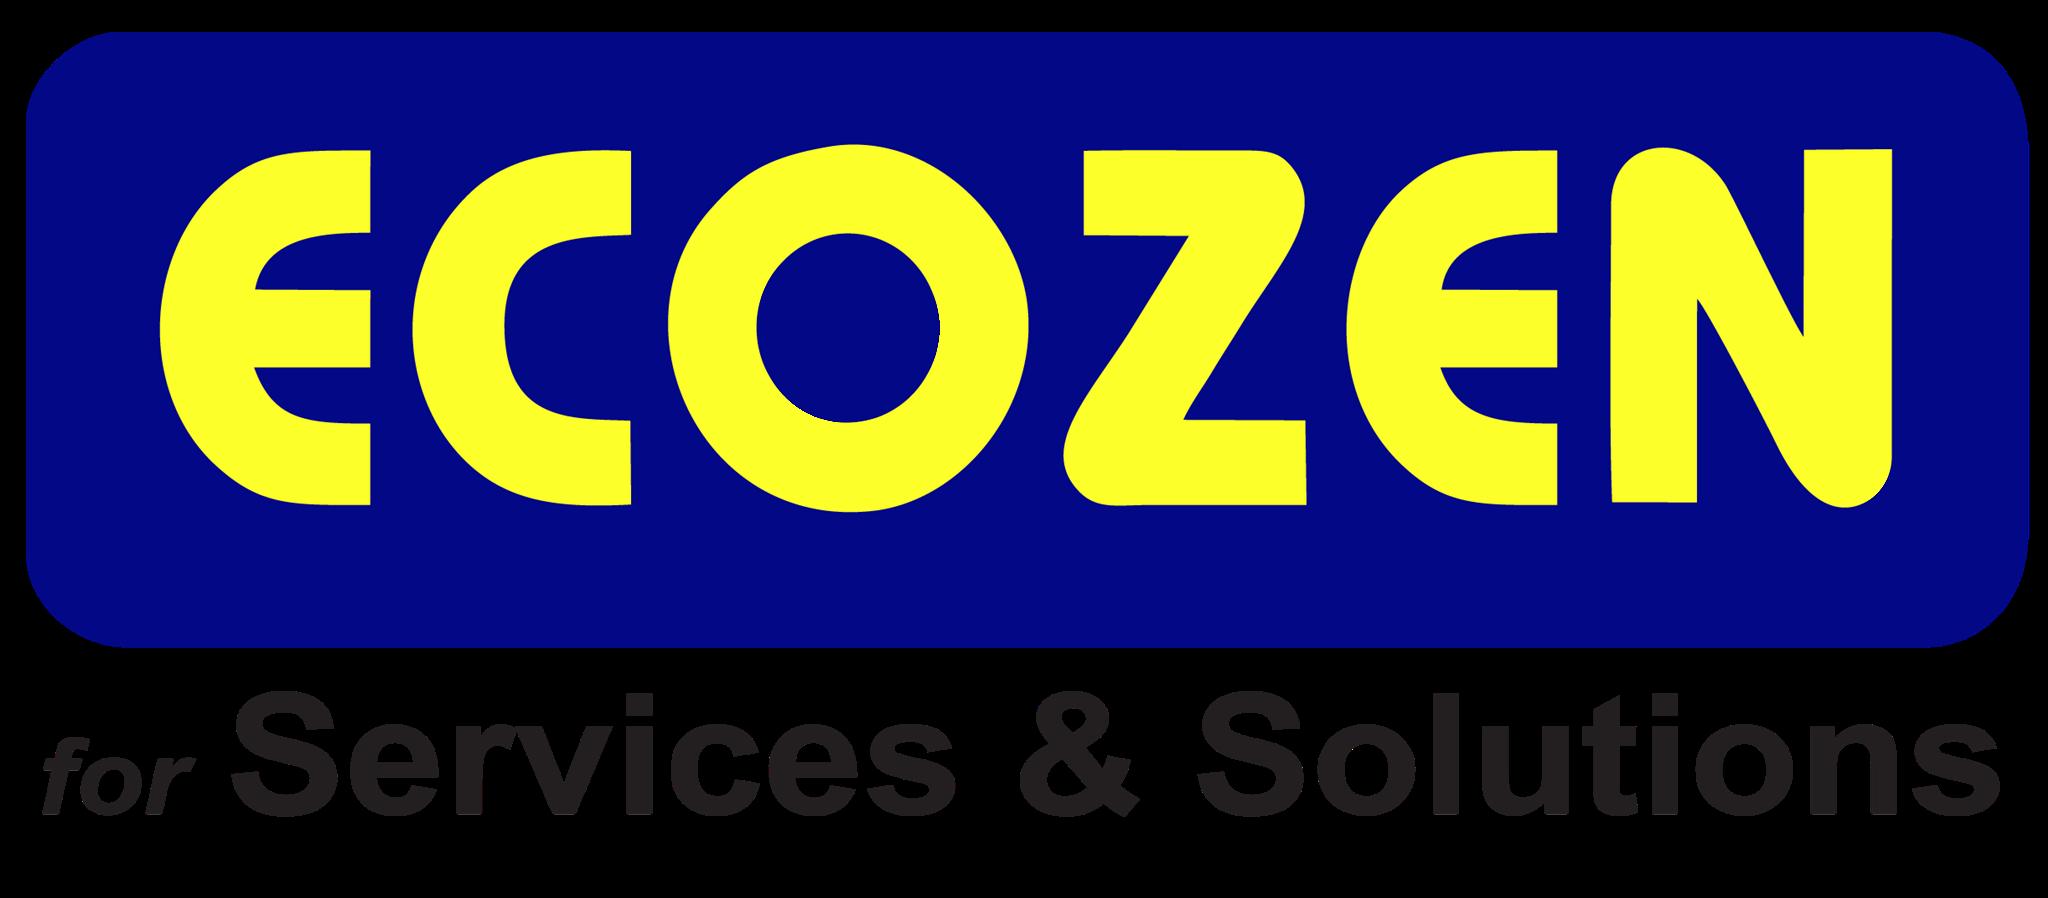 Công ty TNHH Quốc Tế Thiền Sinh Thái (Ecozen)